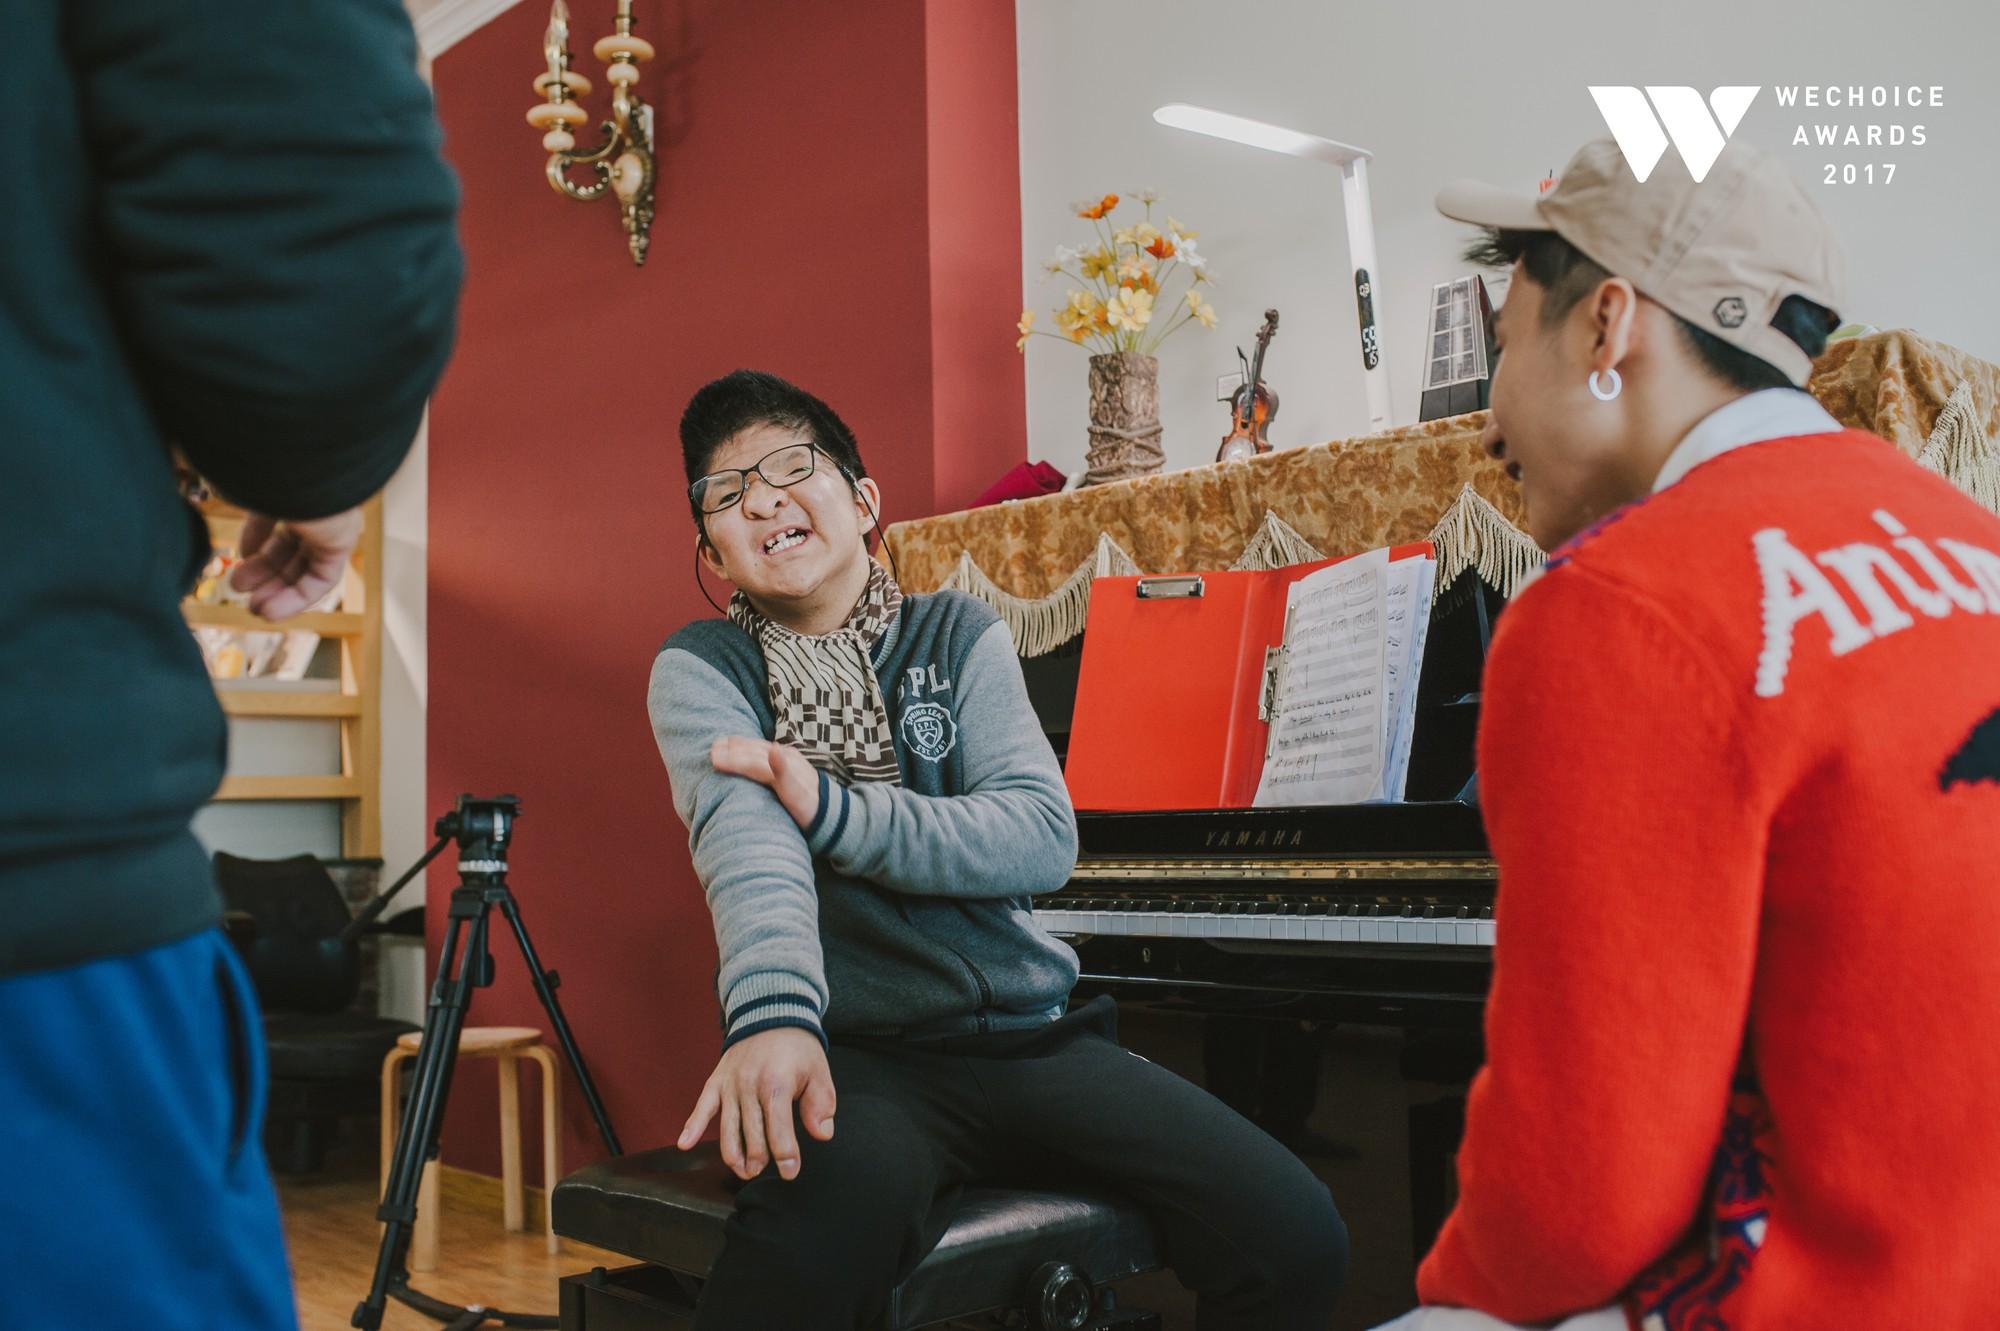 Bé Bôm - Nhân vật truyền cảm hứng năm 2017 khiến khản giả xúc động với ca khúc Remeber me